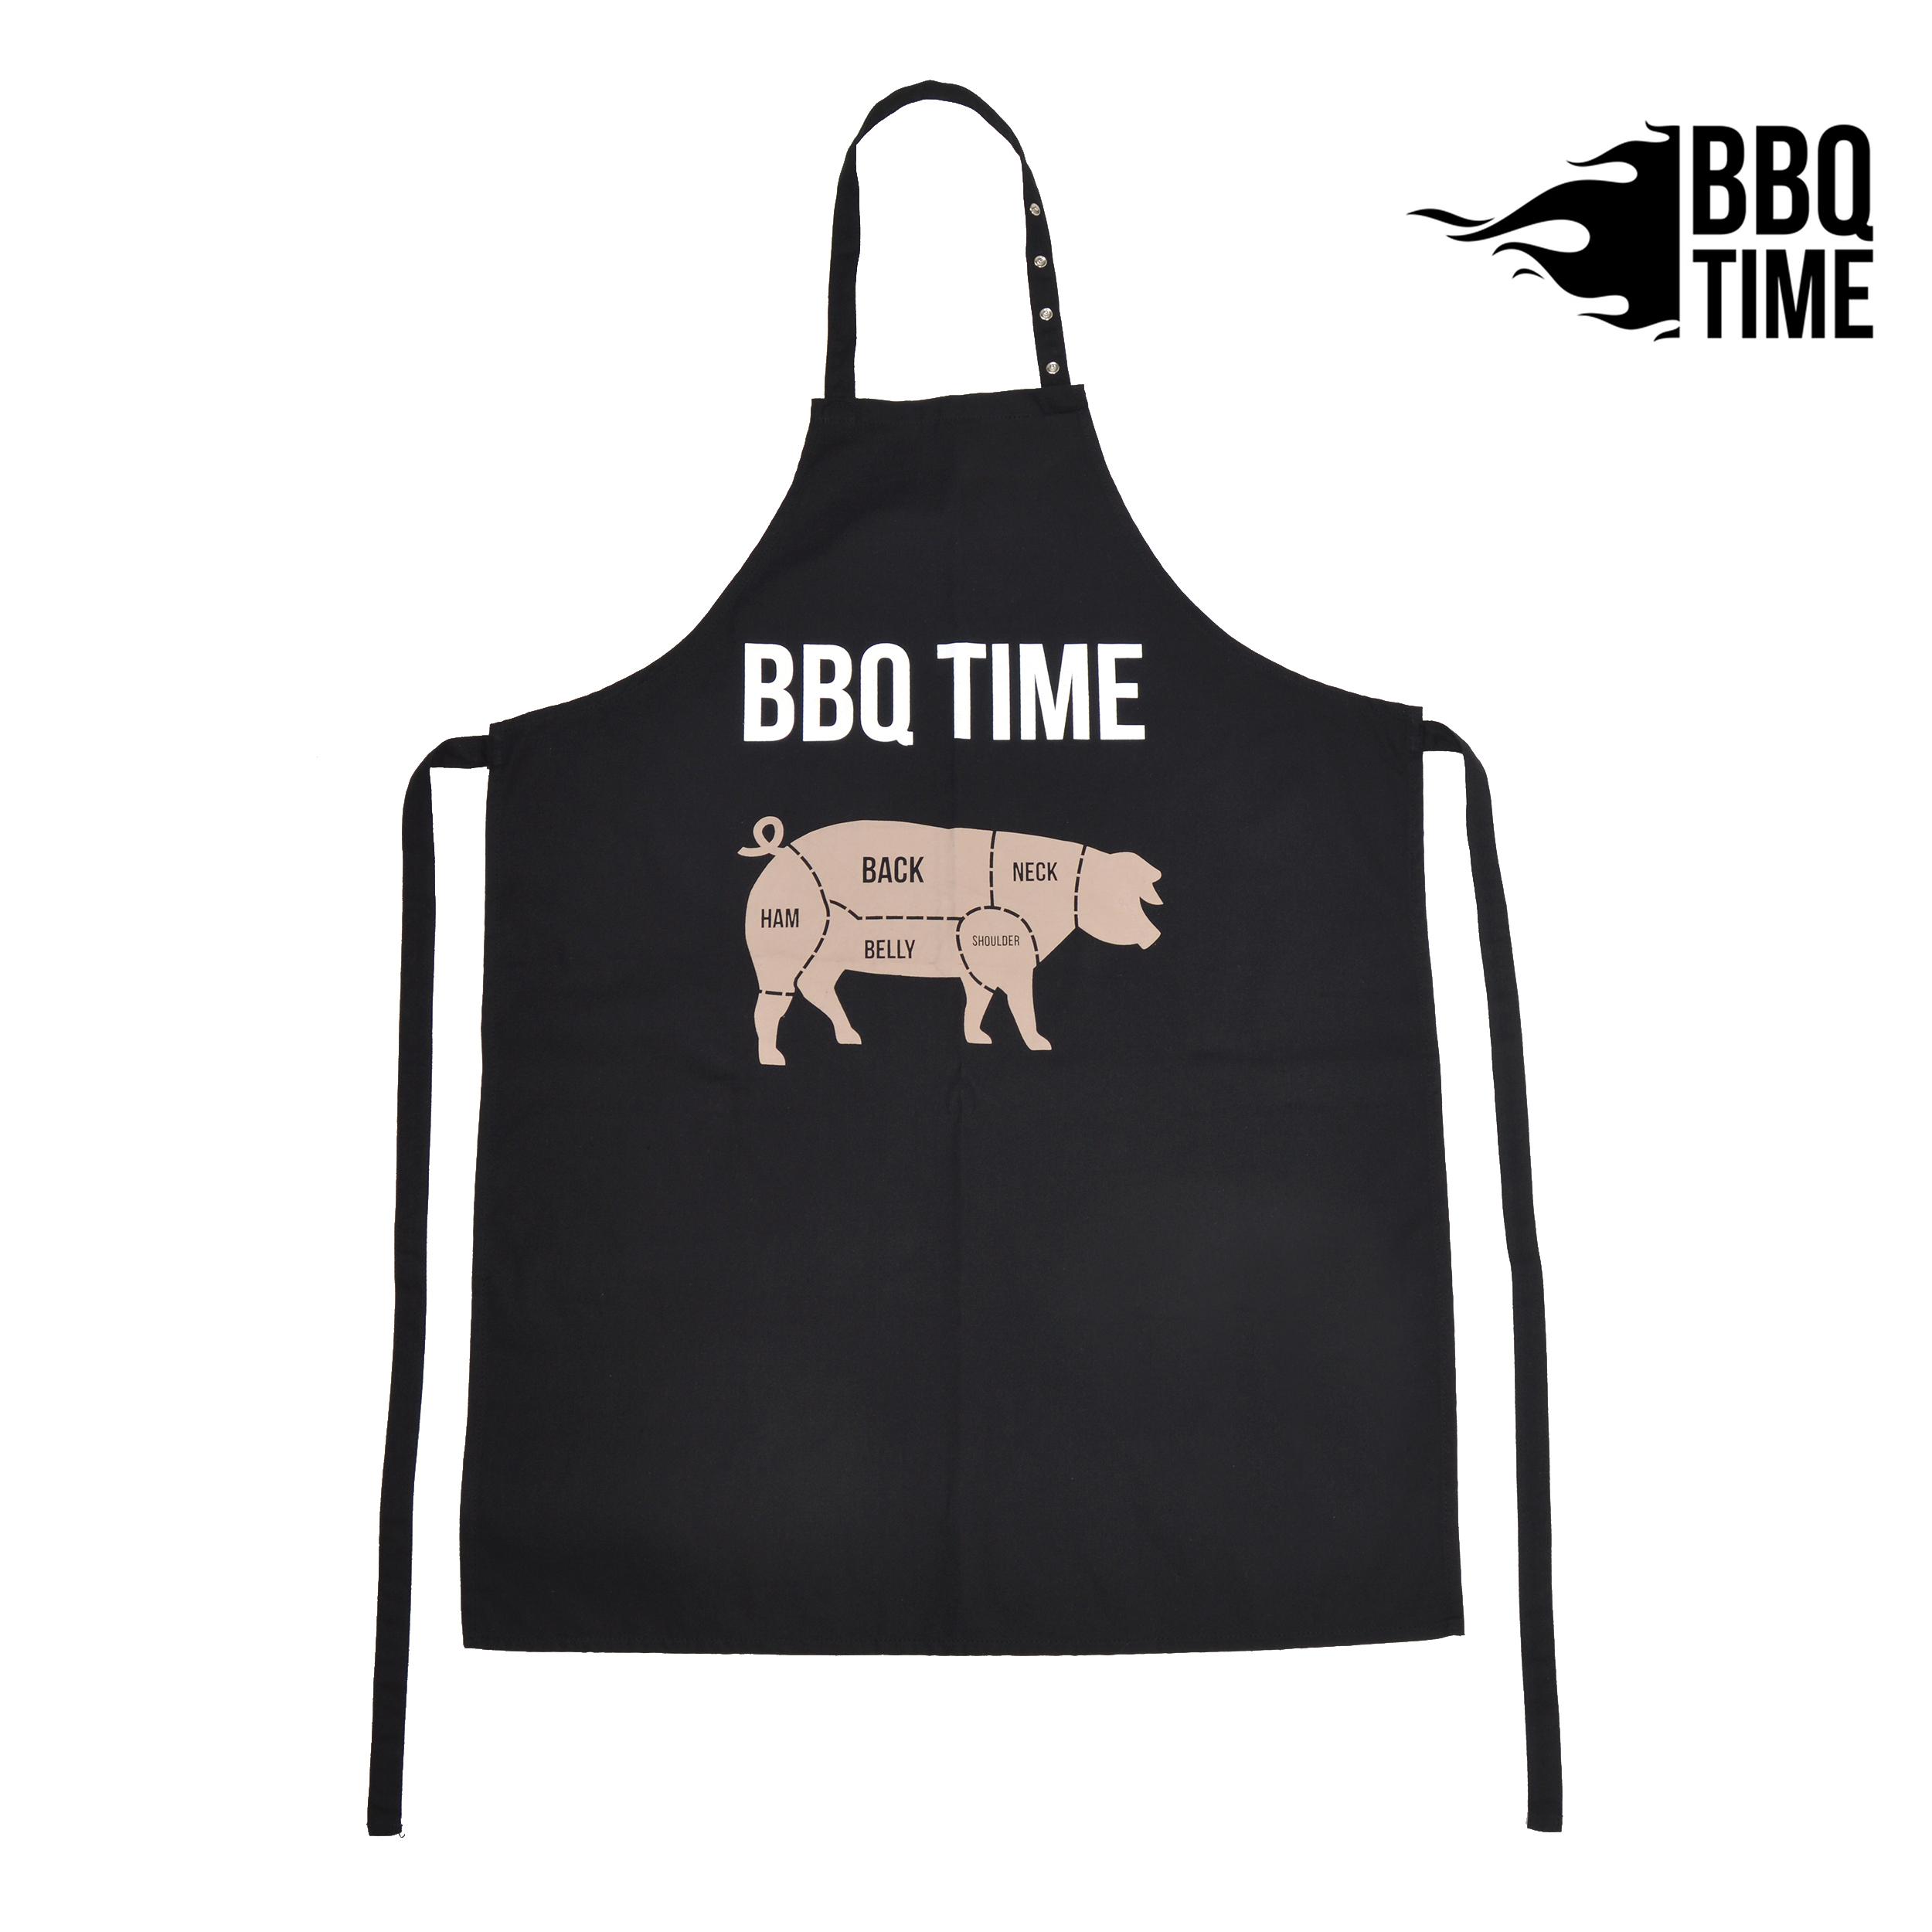 Grillschürze BBQ TIME - PIG